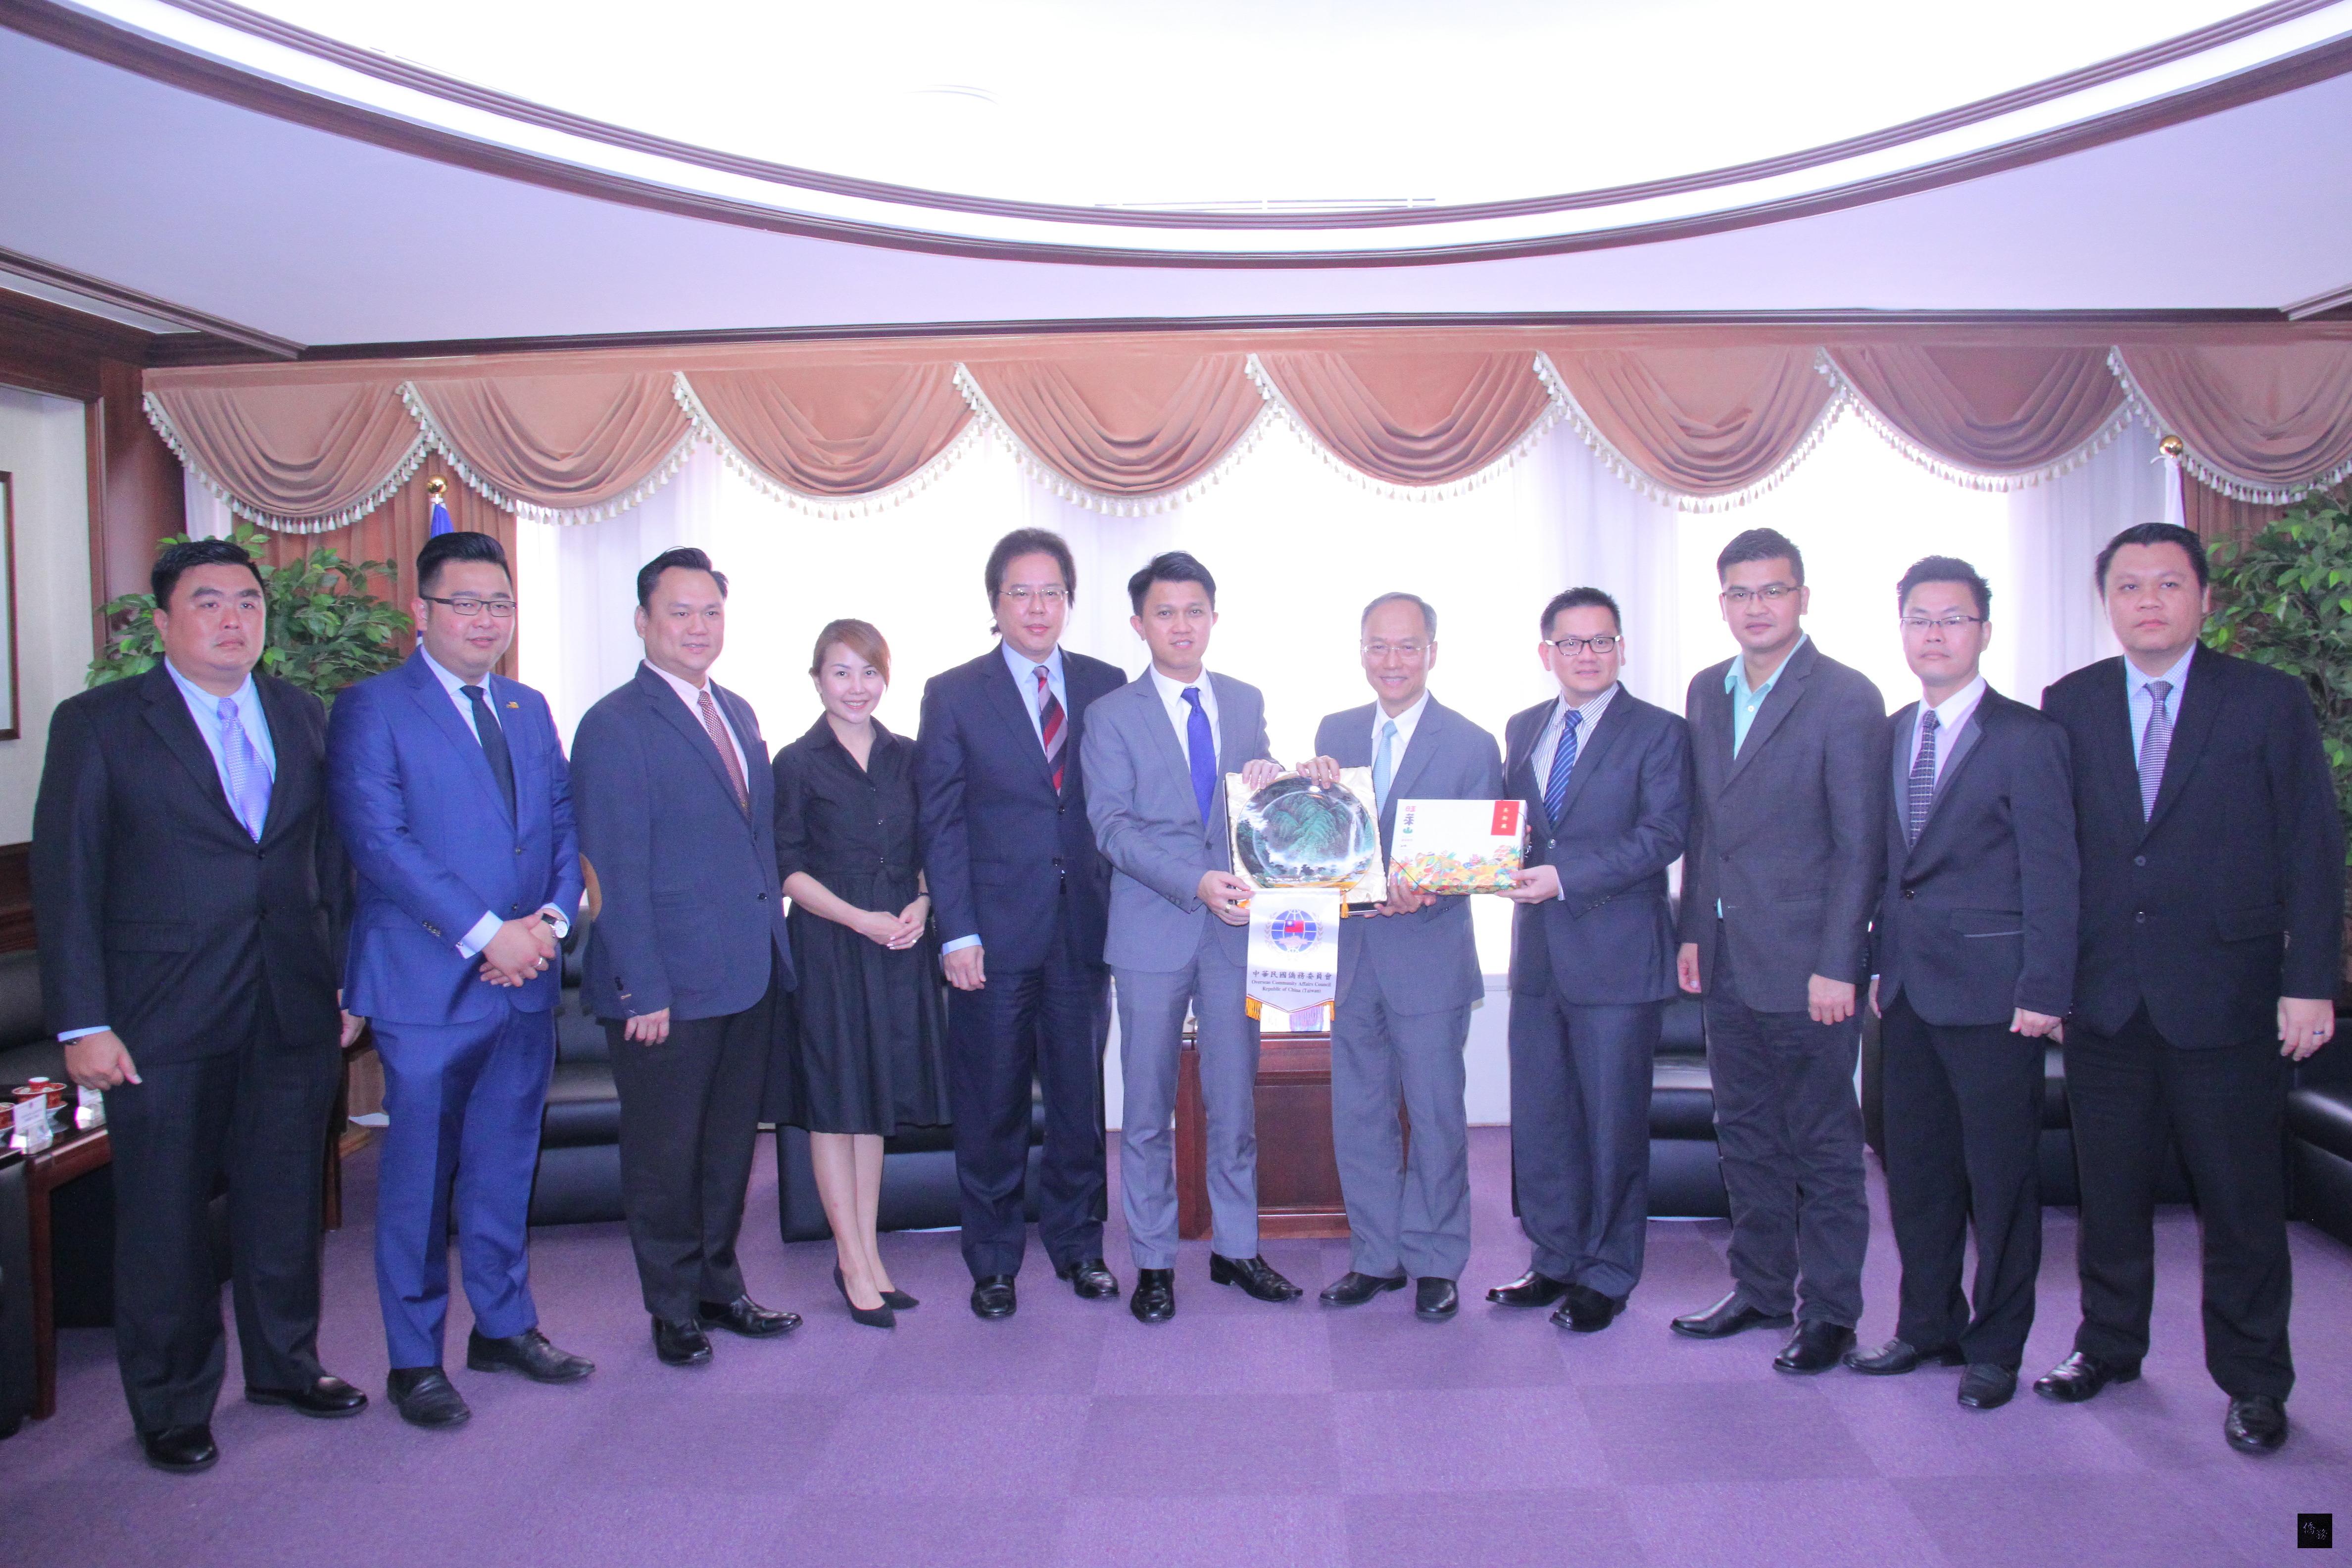 馬來西亞教育部副部長張盛聞(左六)及馬來西亞商業及工業協會理事長劉康捷(左五)一行11人拜會僑委會委員長吳新興(右五)。